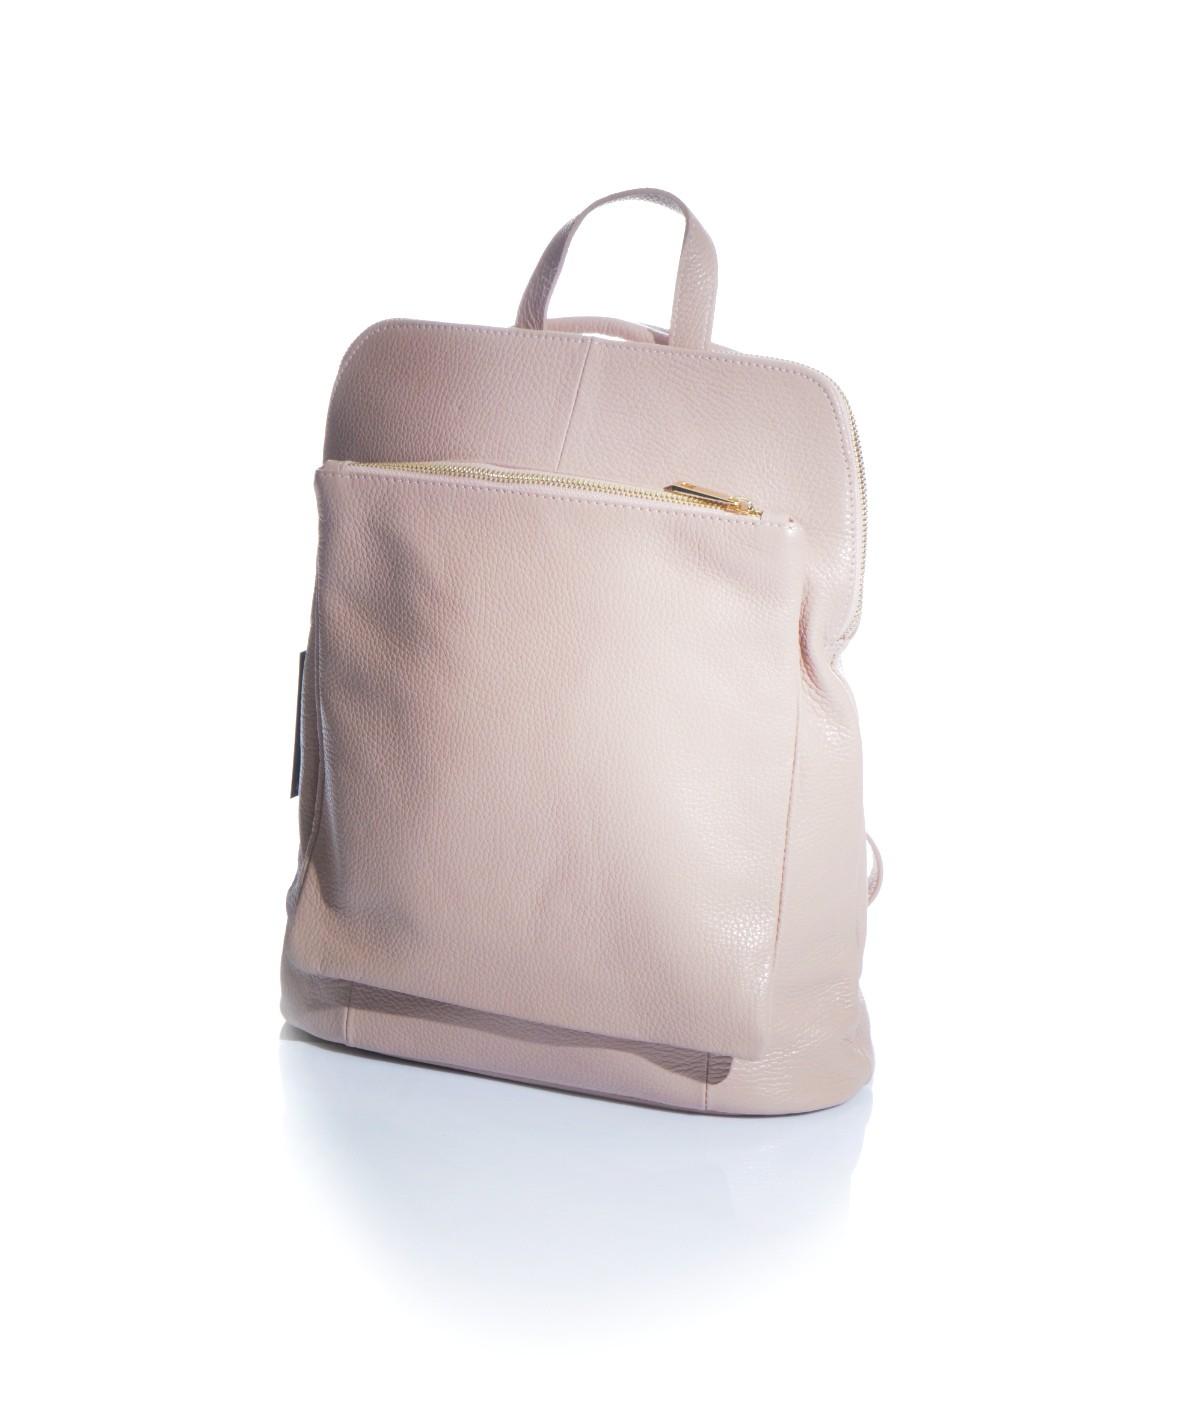 c4ec4e8acc Zainetto rosa cipria in vera pelle |Shop online| Okpelle The Leather ...